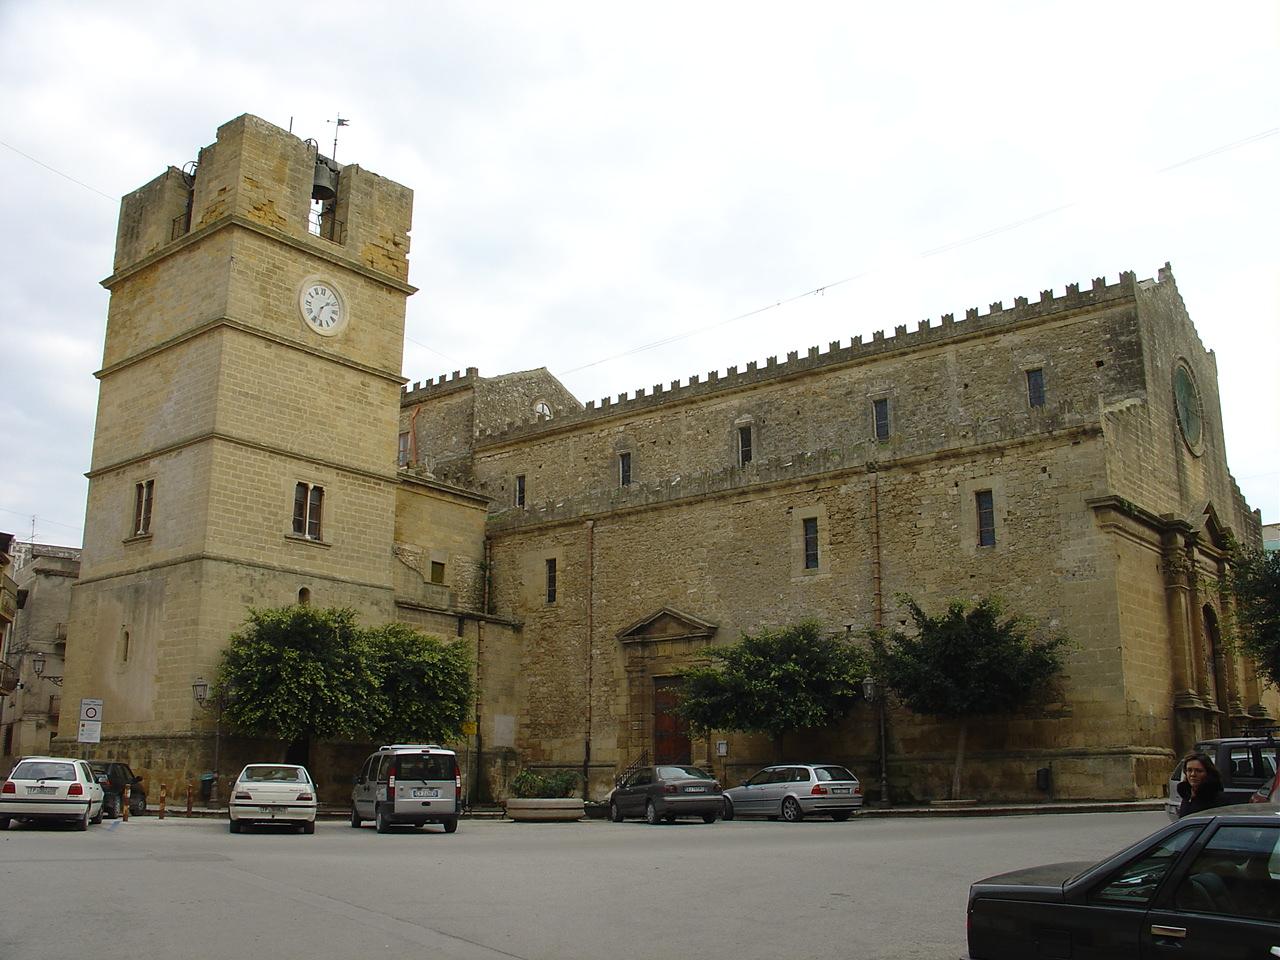 Infiltrazioni mafiose nella città di Matteo Messina Denaro: sciolto il consiglio comunale di Castelvetrano